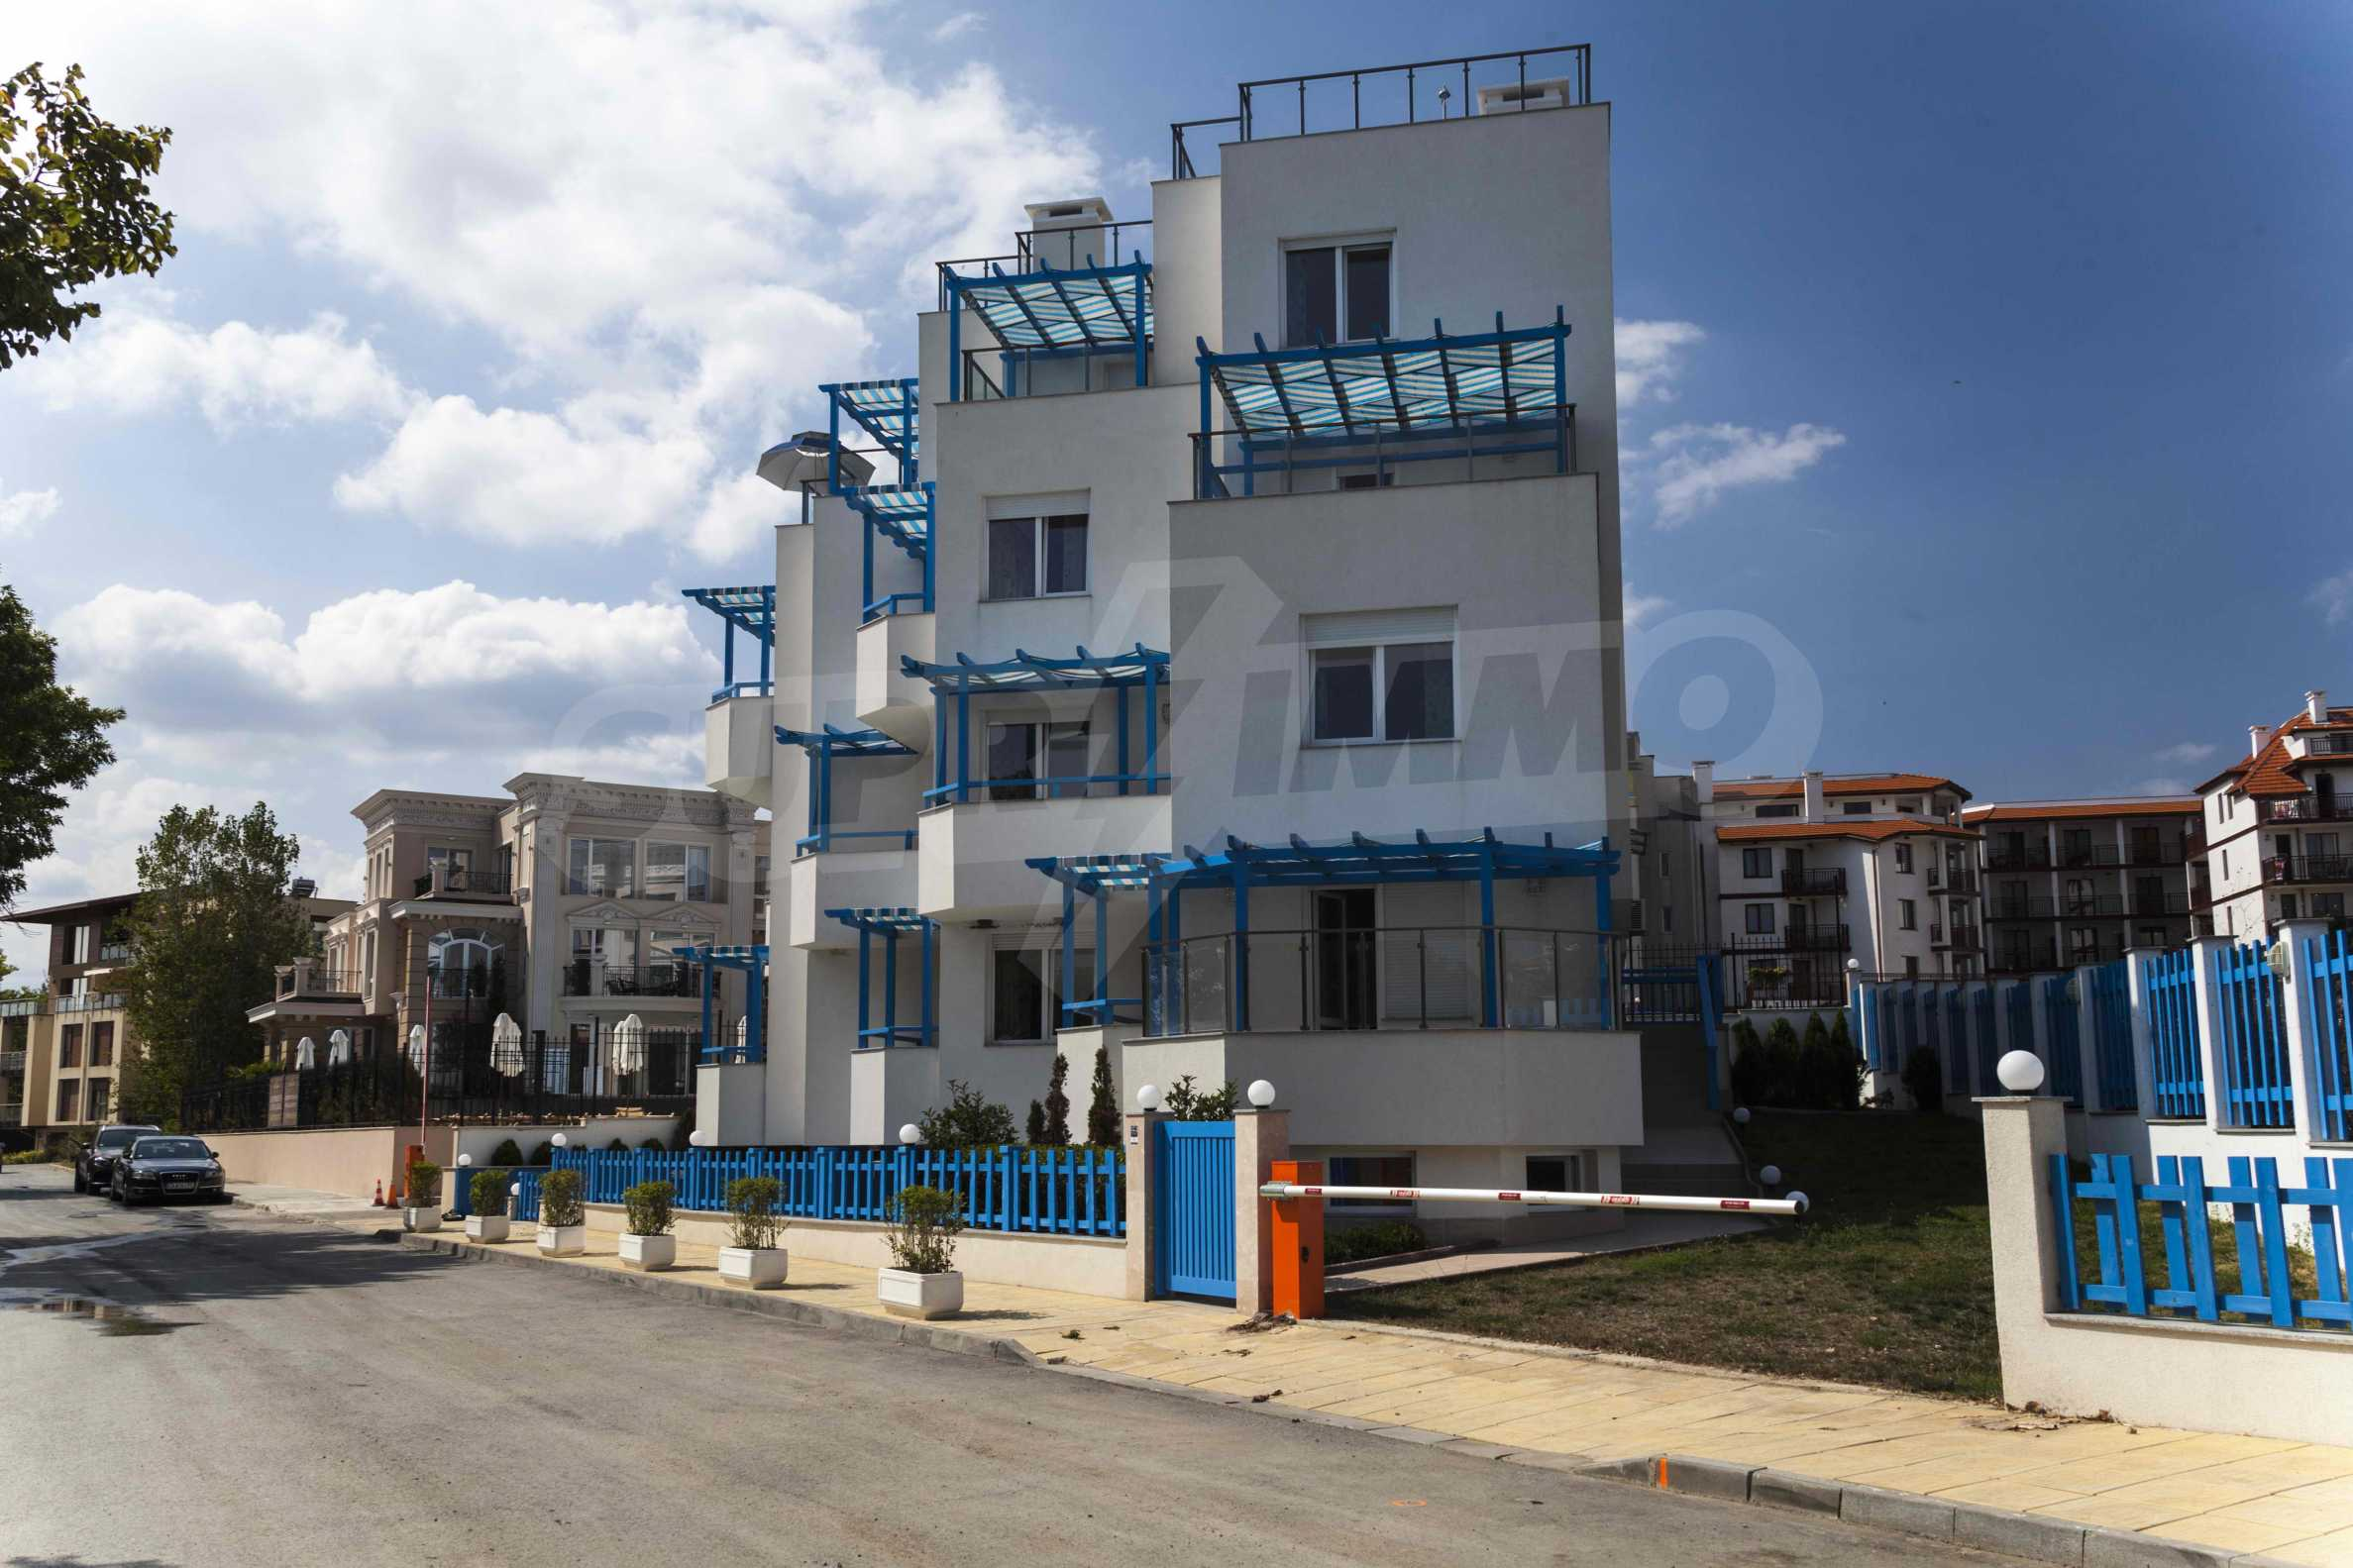 Стилен жилищен комплекс в непосредствена близост до плажа в Лозенец 4